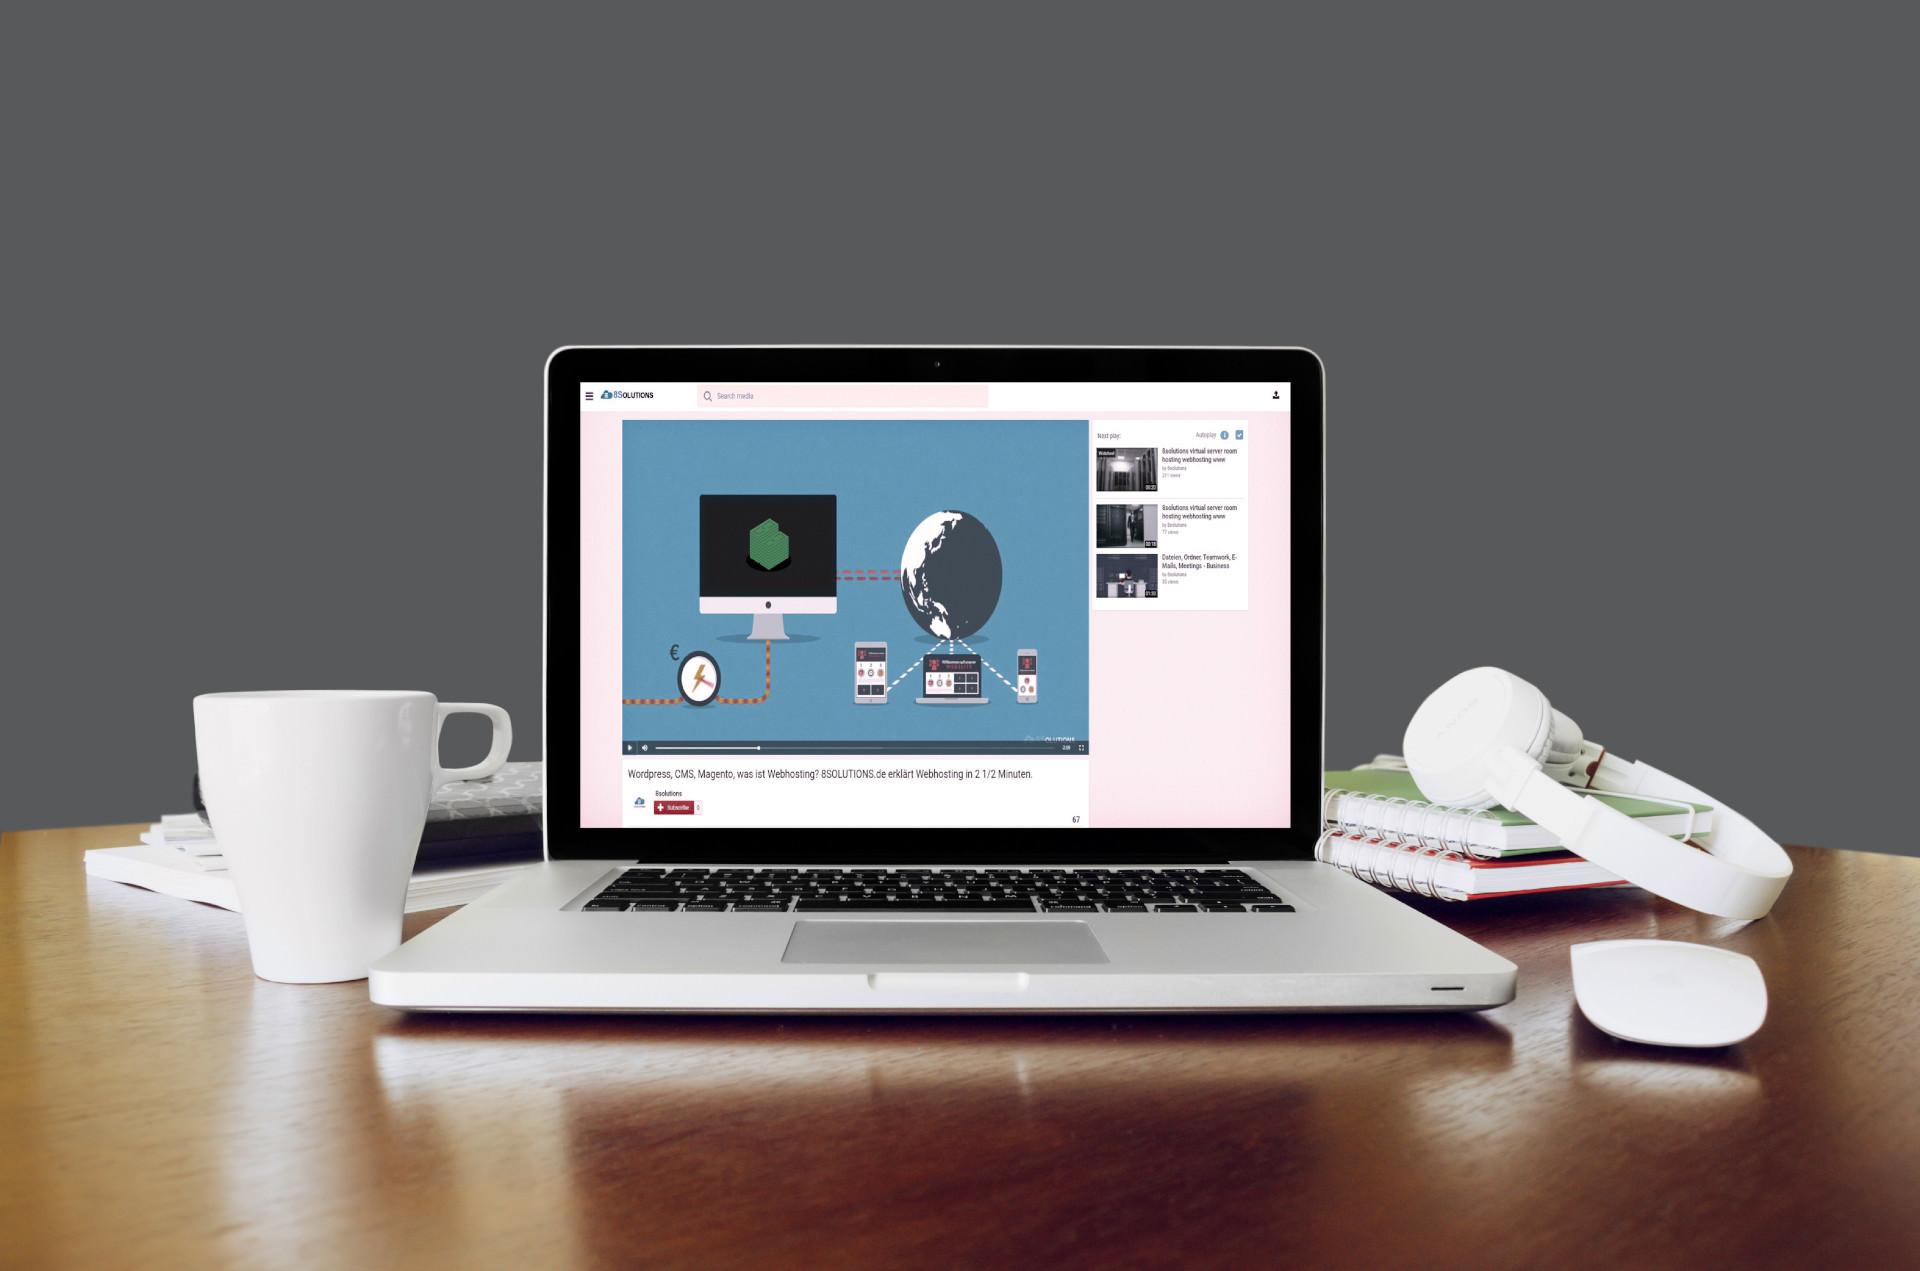 Erklärung – Wir erklären euch Webhosting in 2 1/2 Minuten